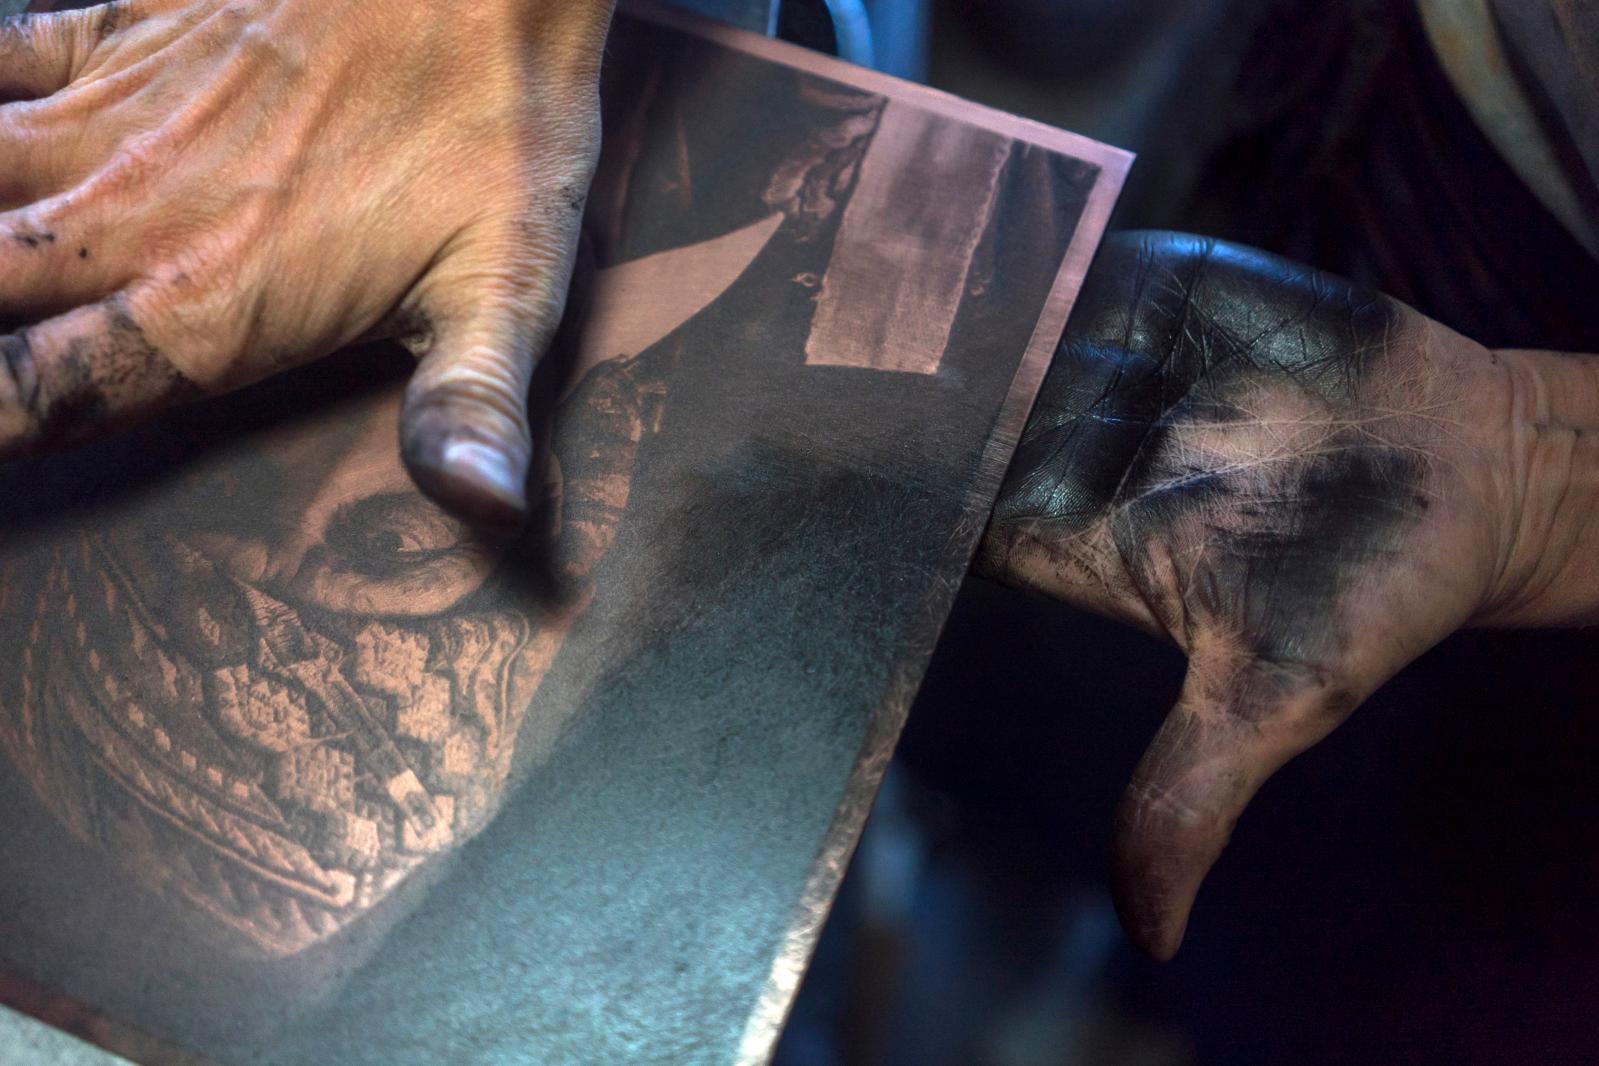 Après avoir encré la matrice et estompé le surplus avec de la tarlatane, l'artisan d'art passe ici sa main pour laisser la quantité d'encre suffisante